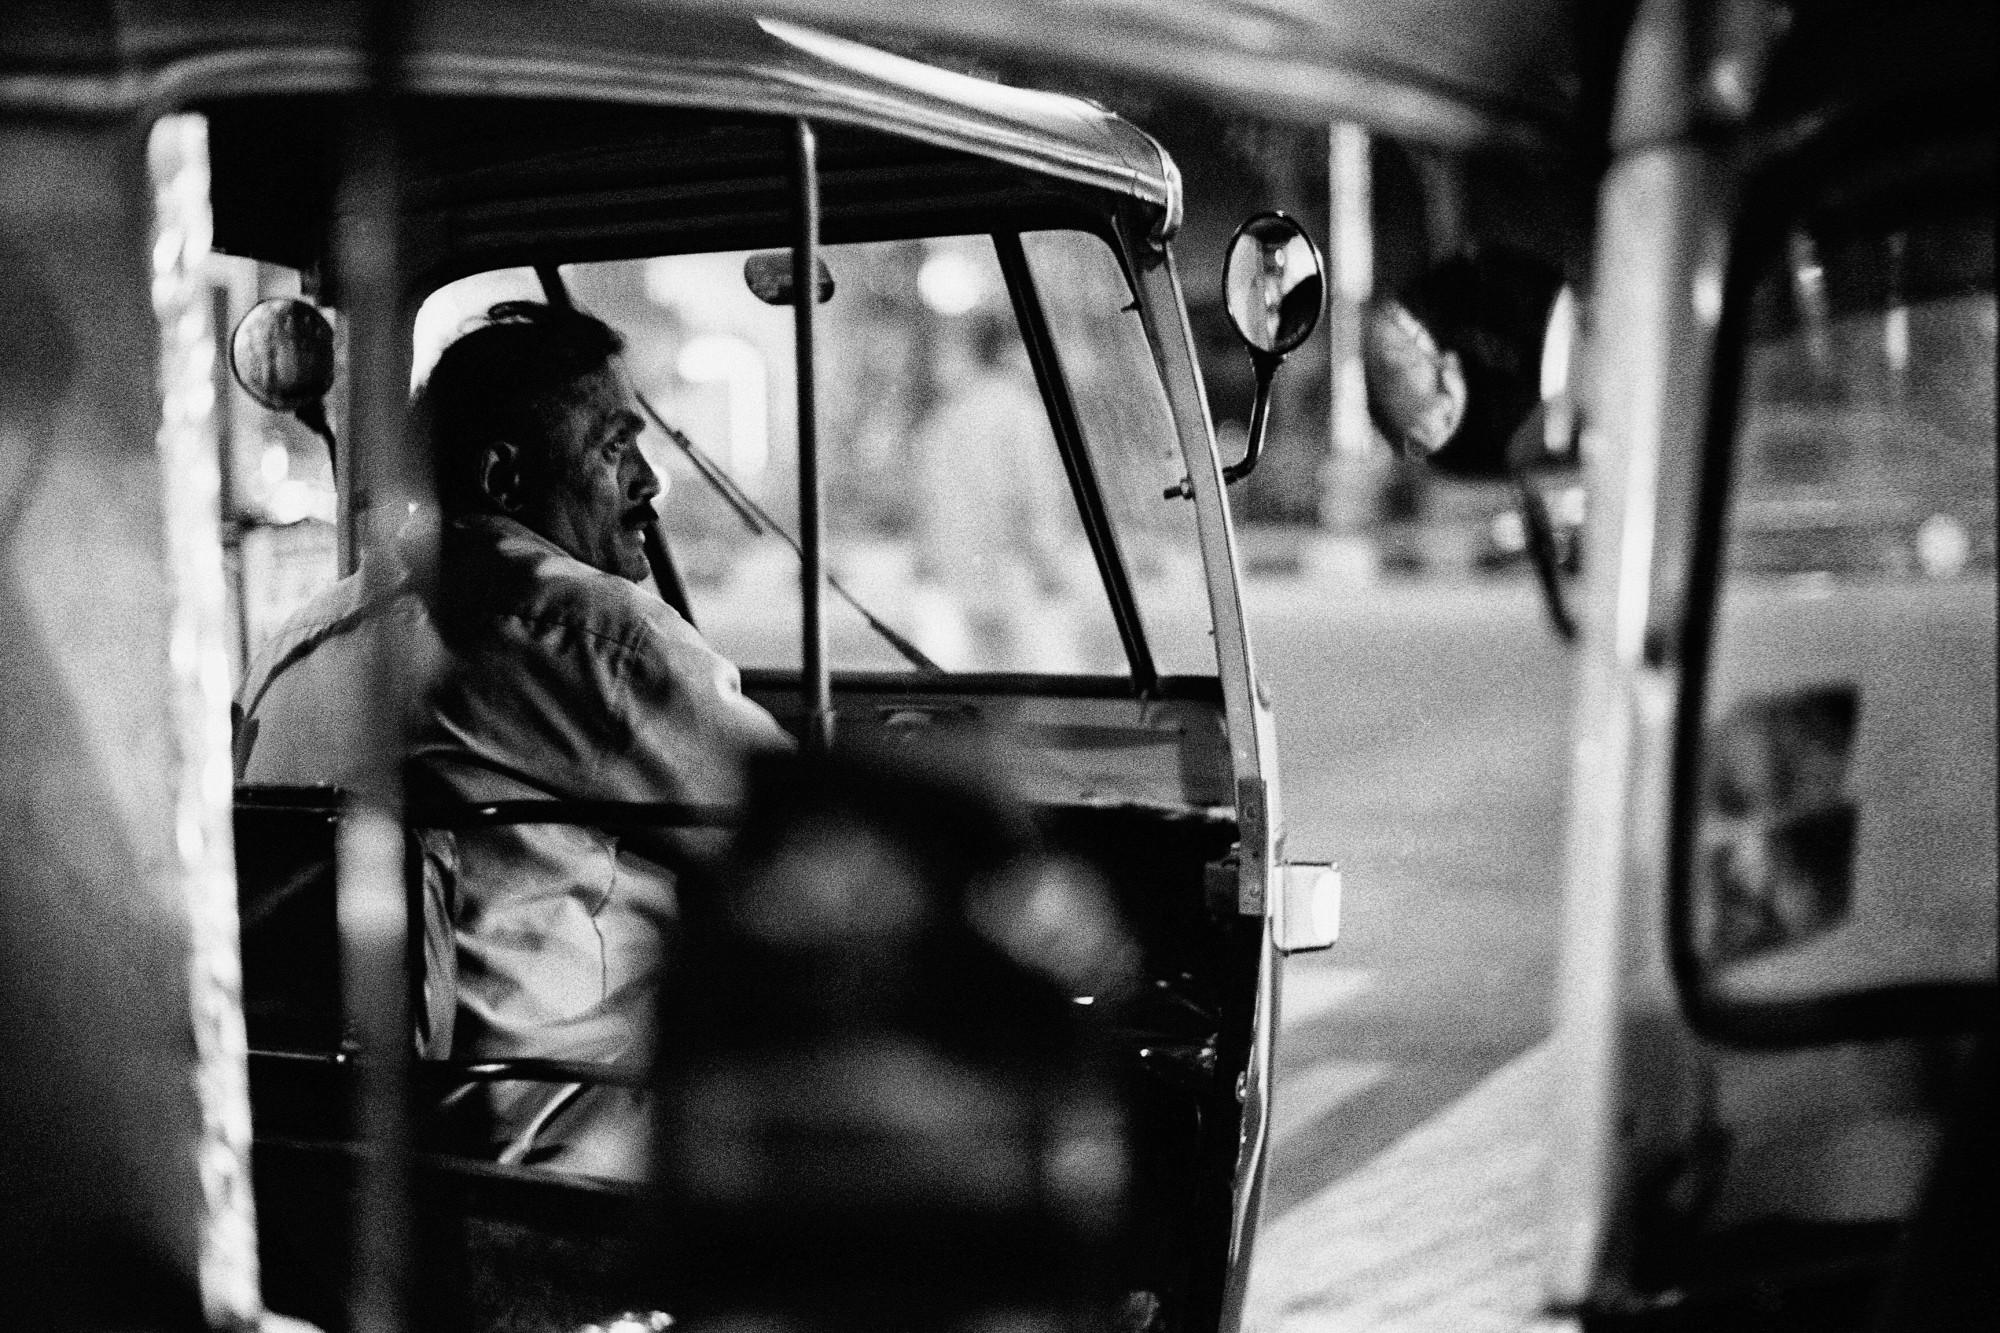 daily-life-2005-02-bangalore-india-1